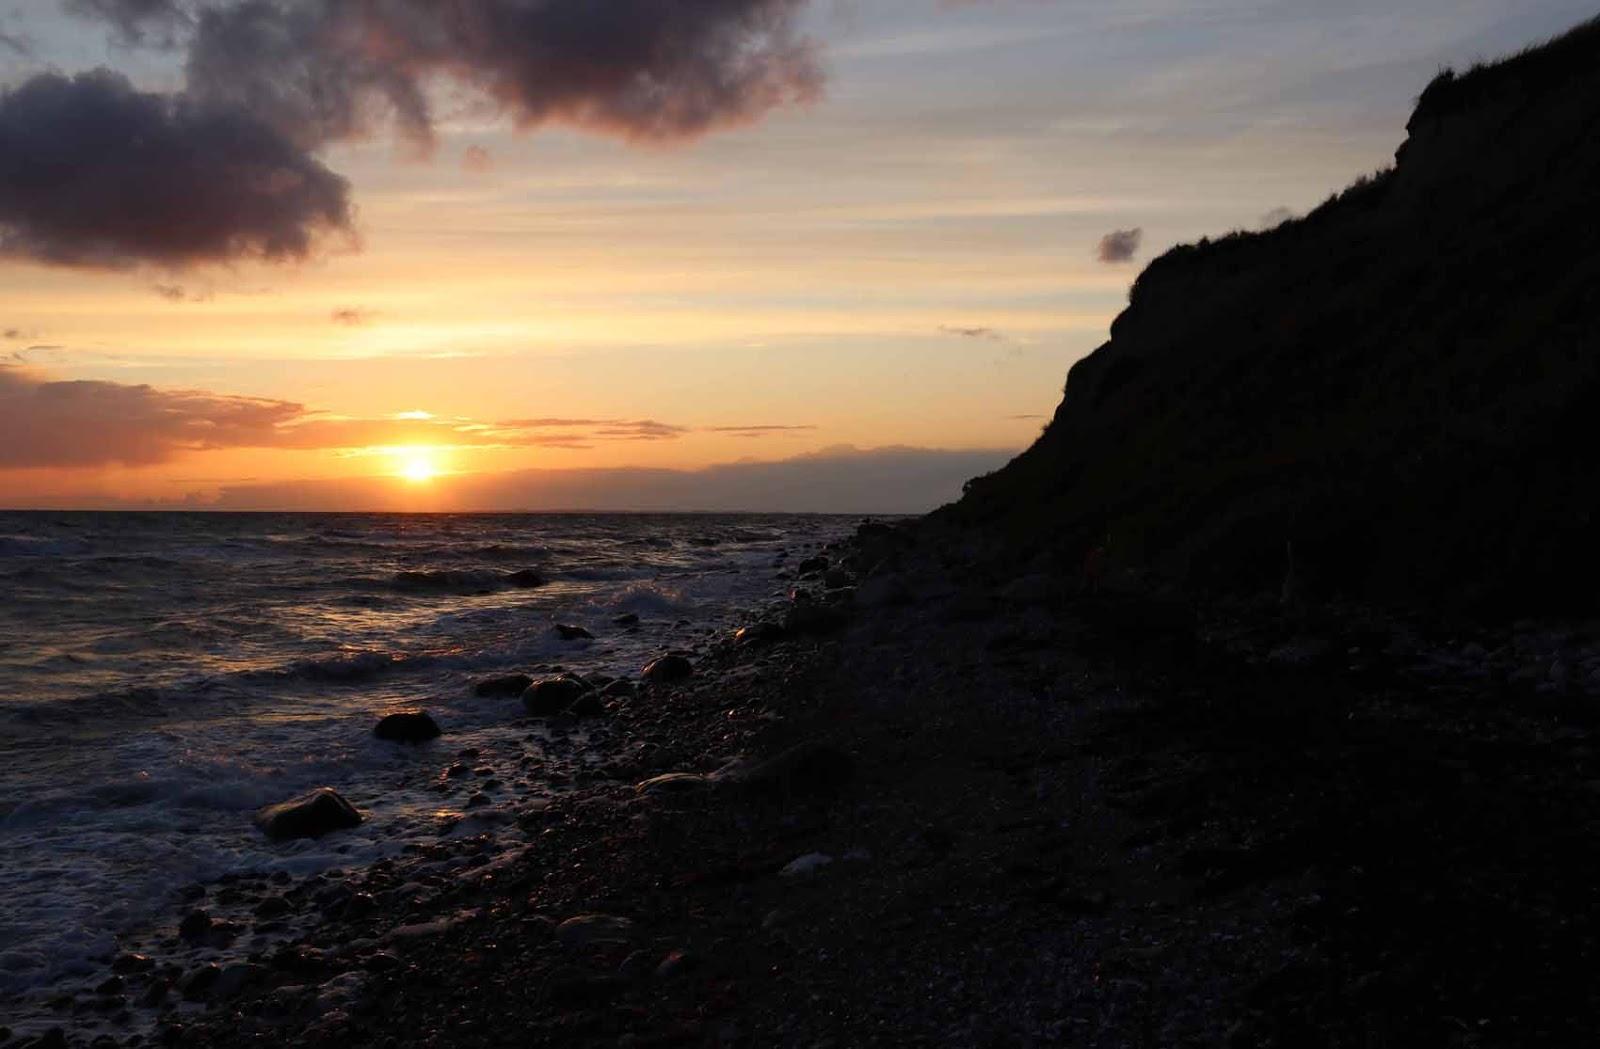 Ærøskøbing auringonlasku Tanska meri